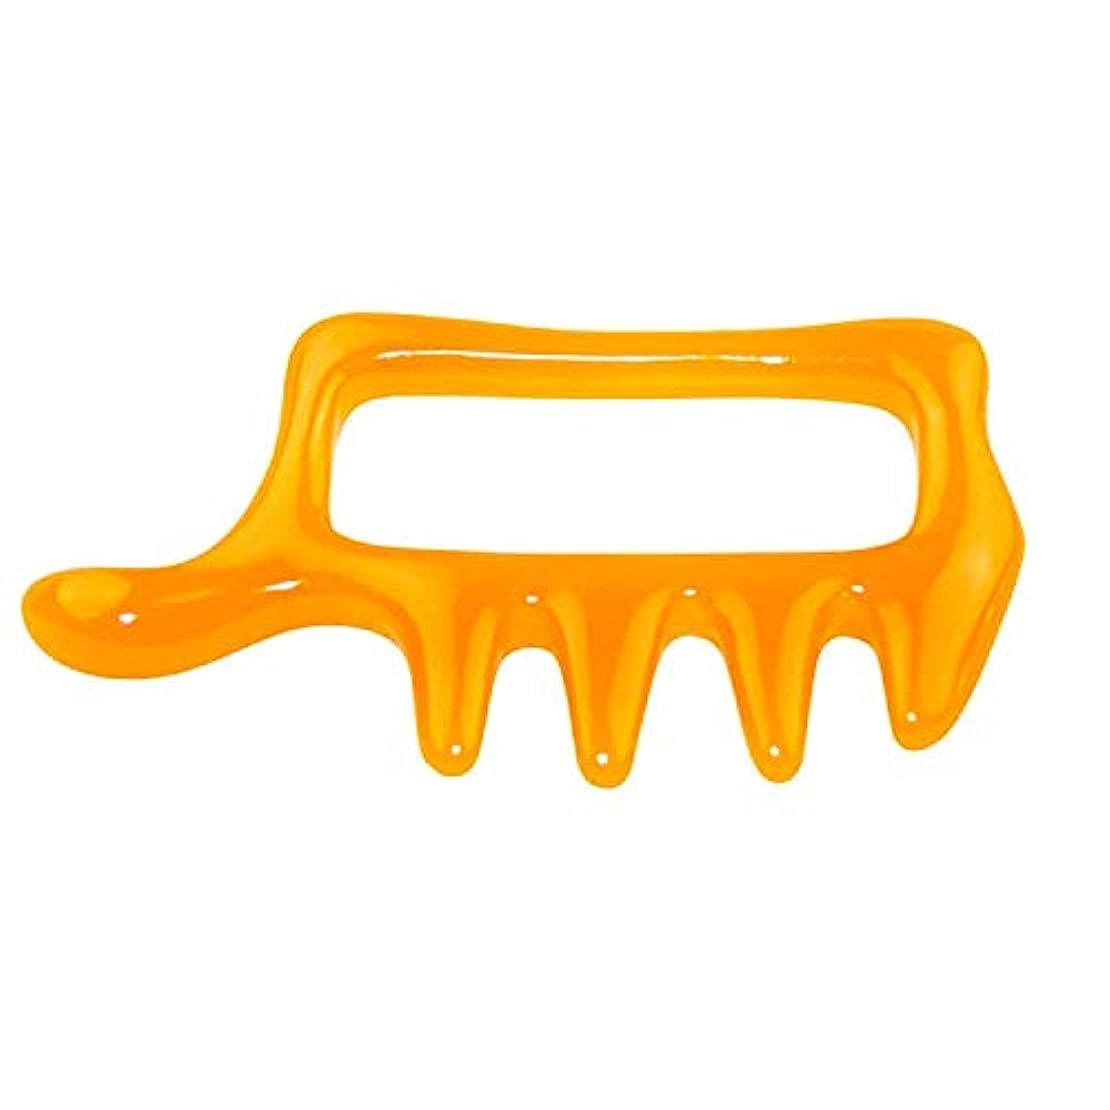 湿度小数豊かなカッサ ツボ押し棒 いいね形 洗える刮?プレート 持ちやすく押しやすい特殊な形 背中?首筋を女性でも強く指圧 岩盤浴や入浴中にも使えるマッサージ棒